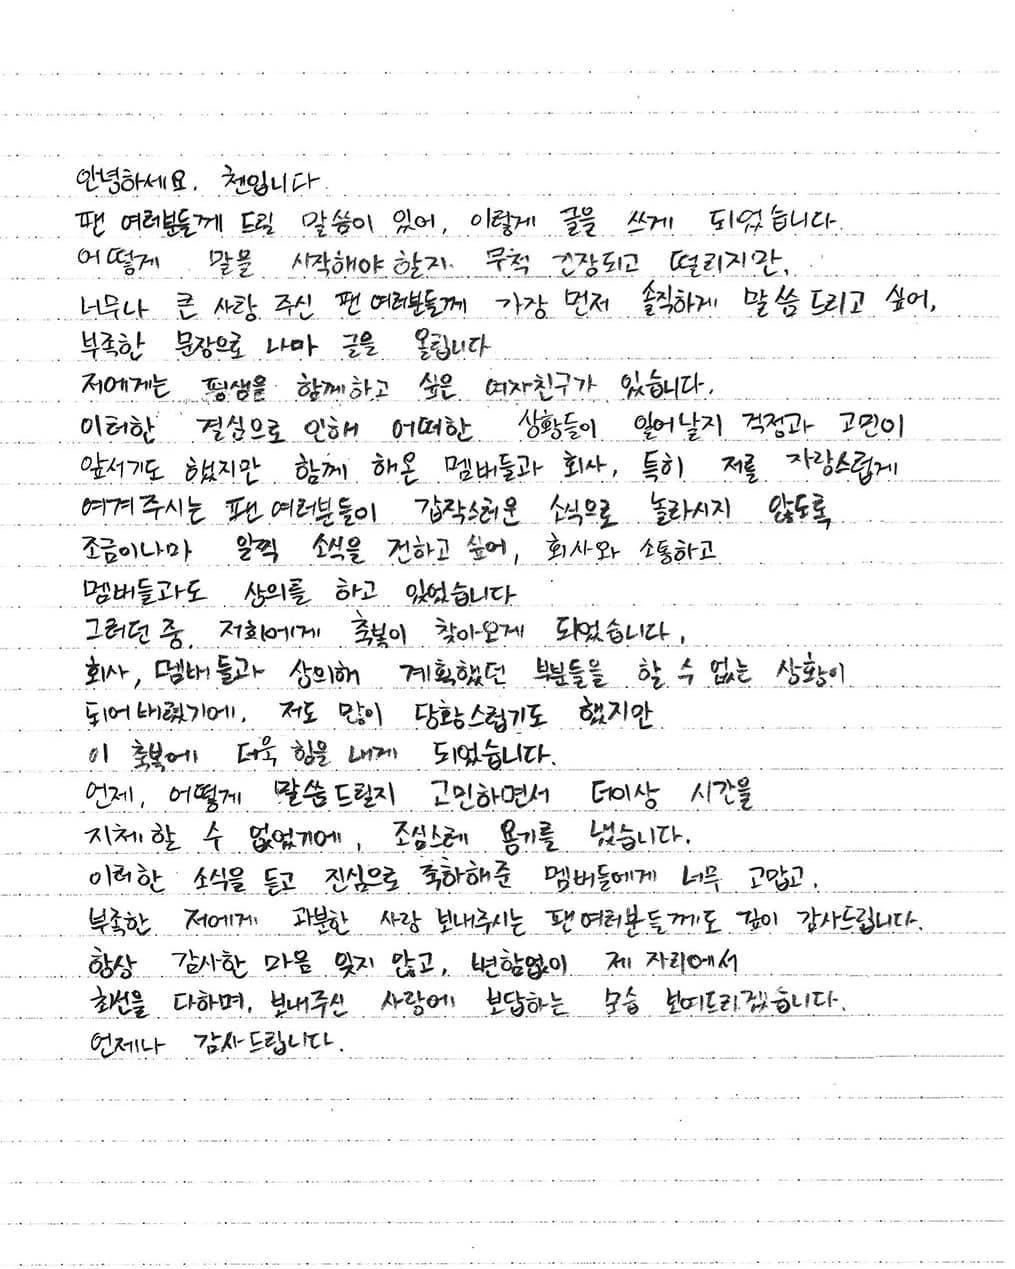 exo chen note